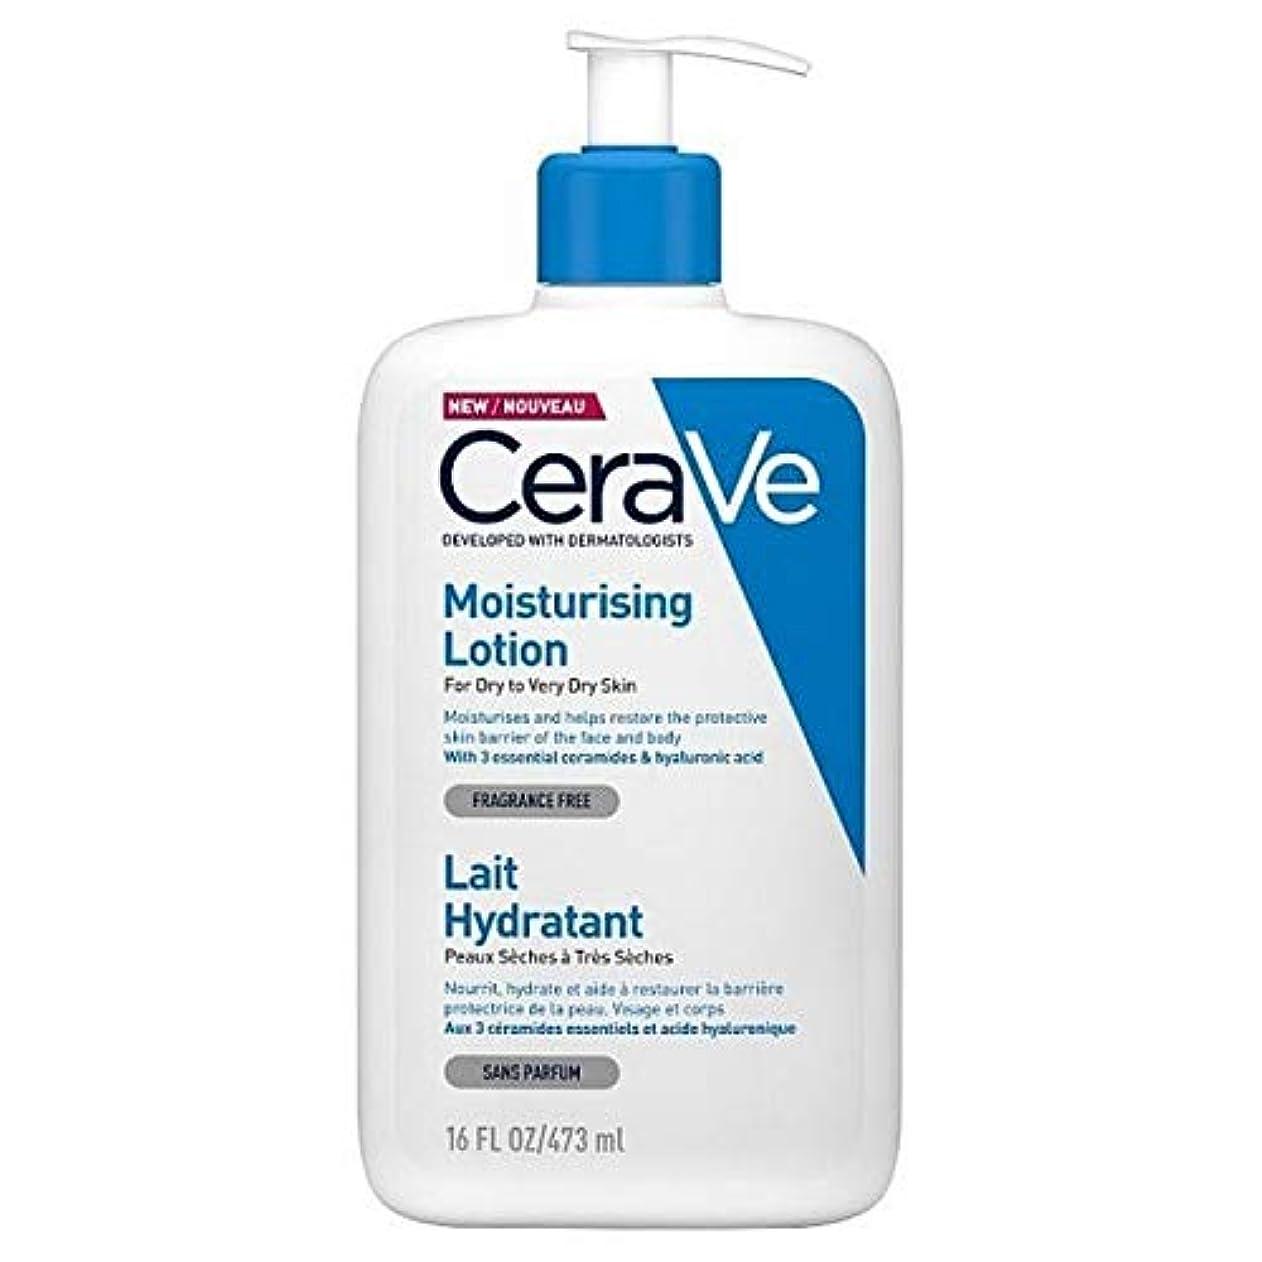 宙返りサンドイッチ前書き[CeraVe] Cerave保湿ローション473ミリリットル - CeraVe Moisturising Lotion 473ml [並行輸入品]